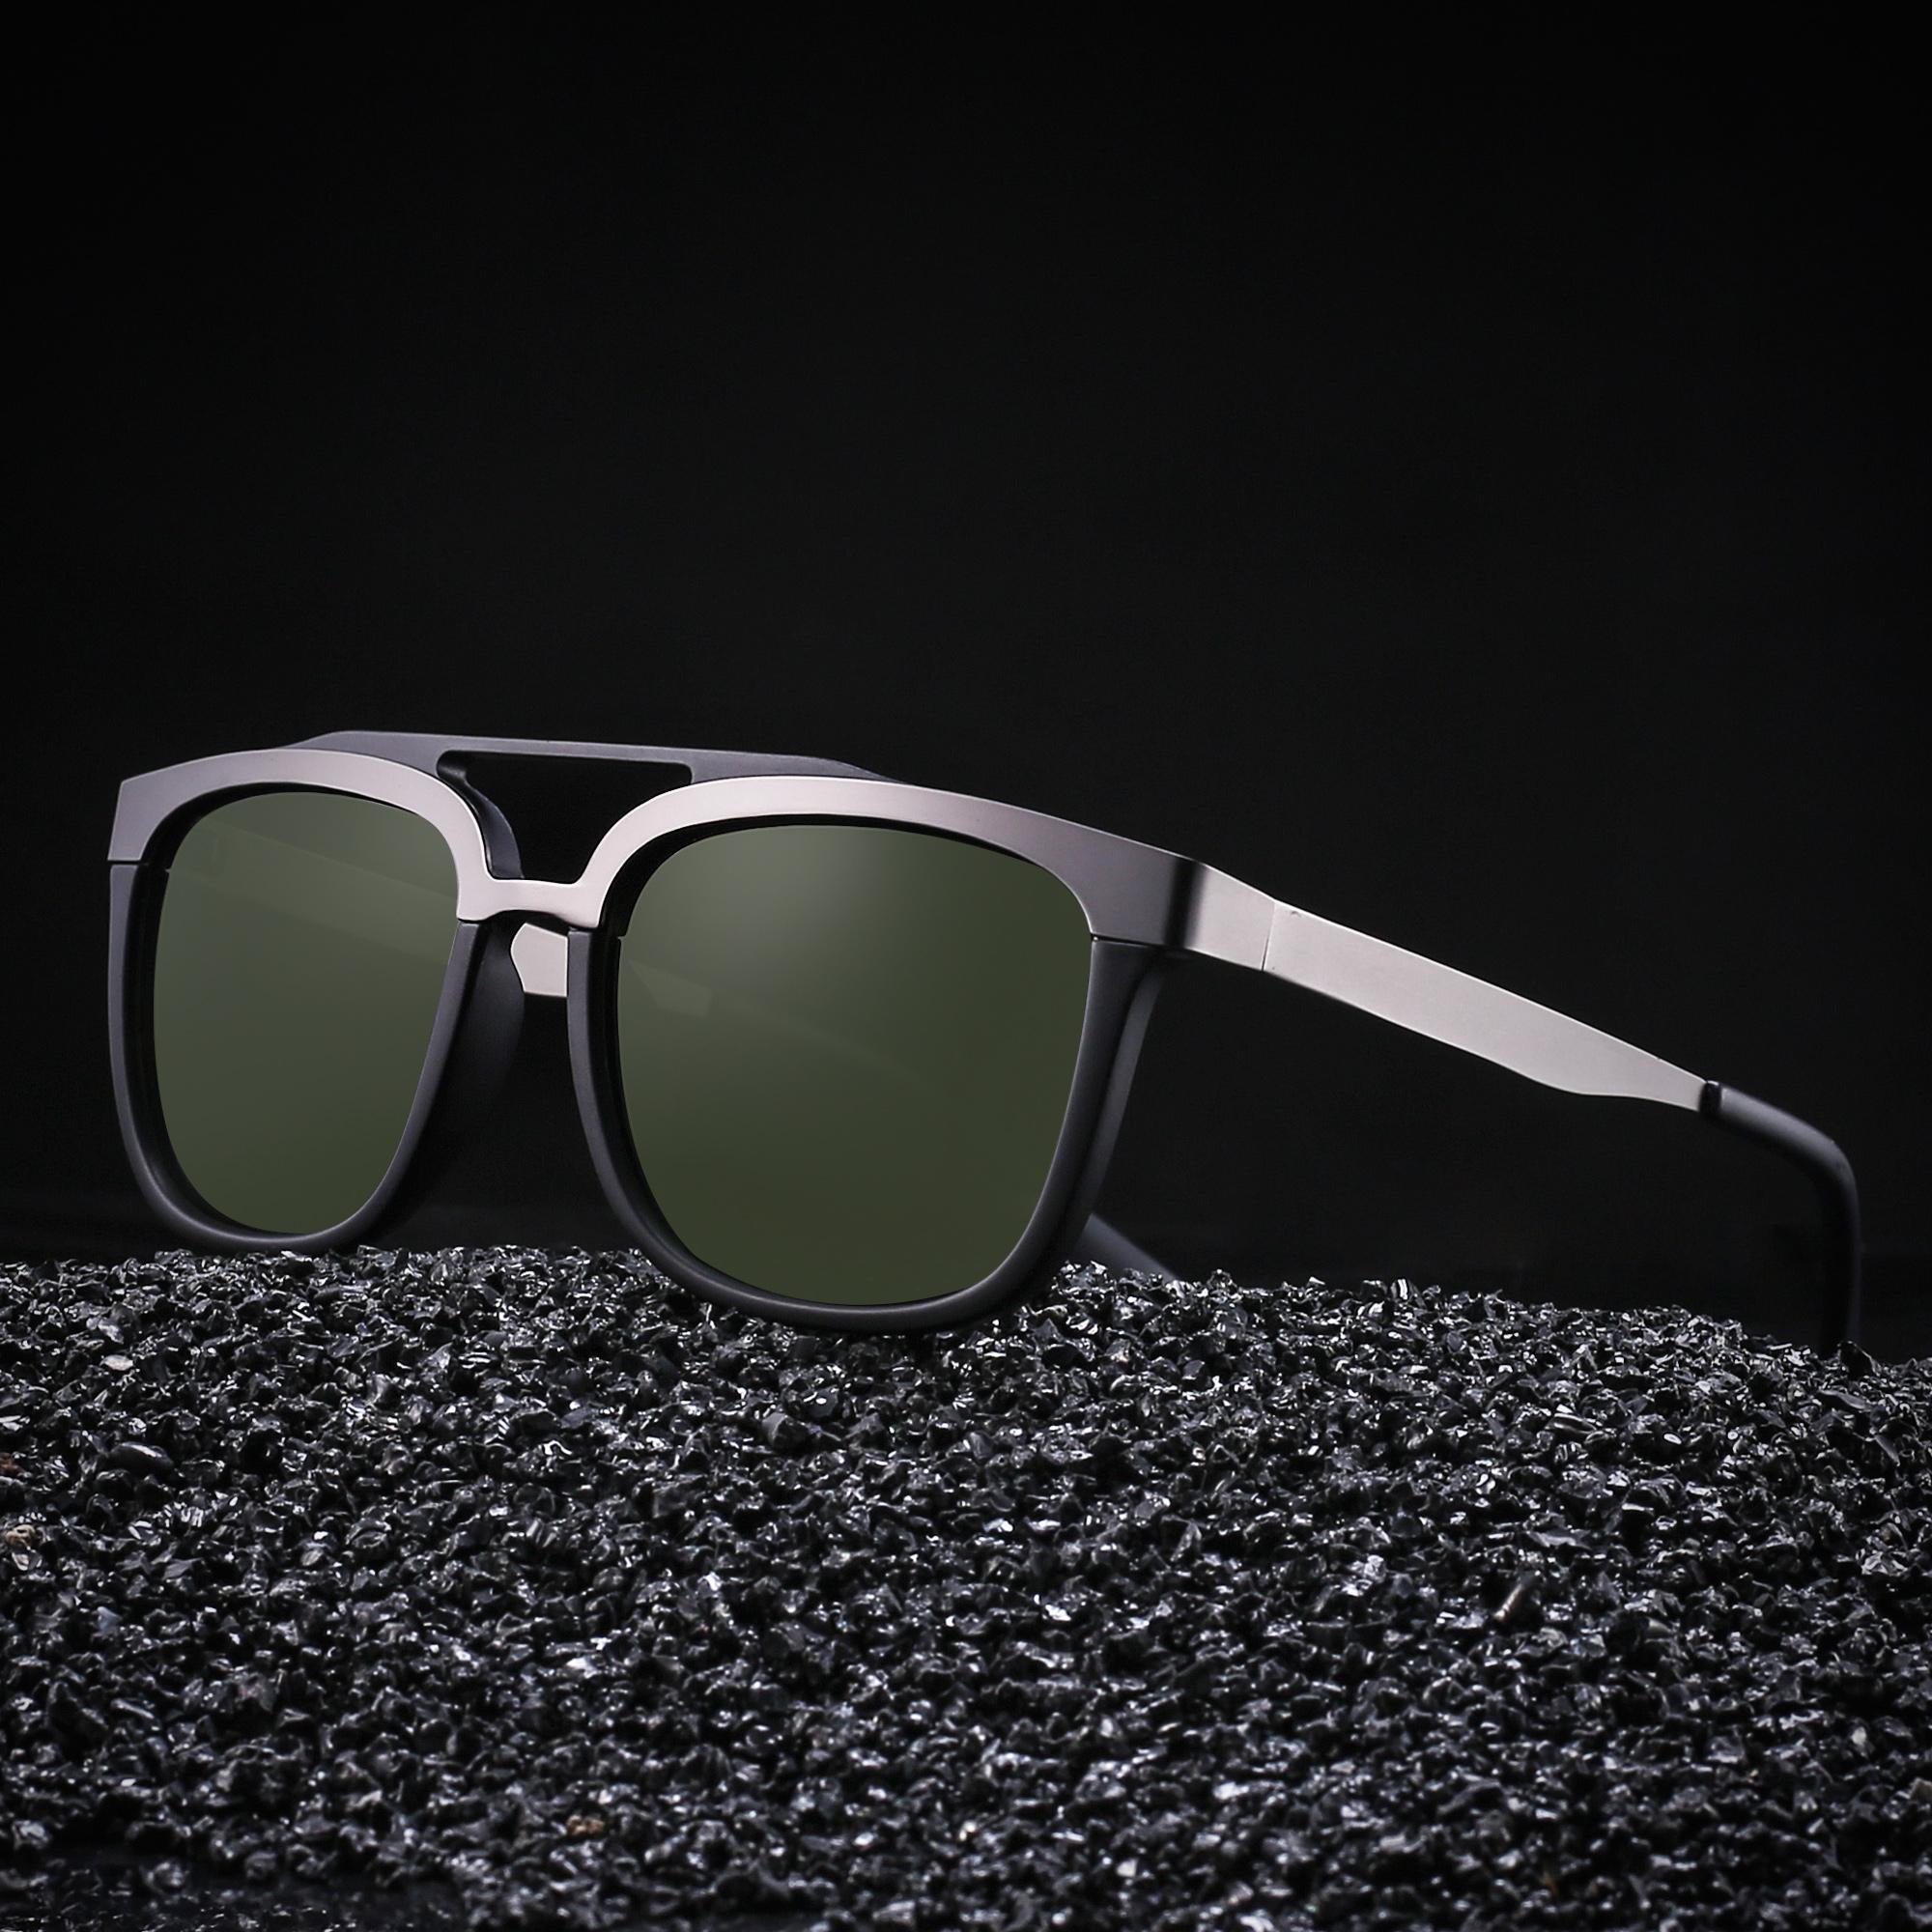 087c6761bd Compre Envío Gratis Nuevo Diseño Gafas De Sol De Moda Mujeres Revestimiento  Espejuelos Reflectantes Mujer Mujer UV400 A $10.06 Del Glassessol |  DHgate.Com